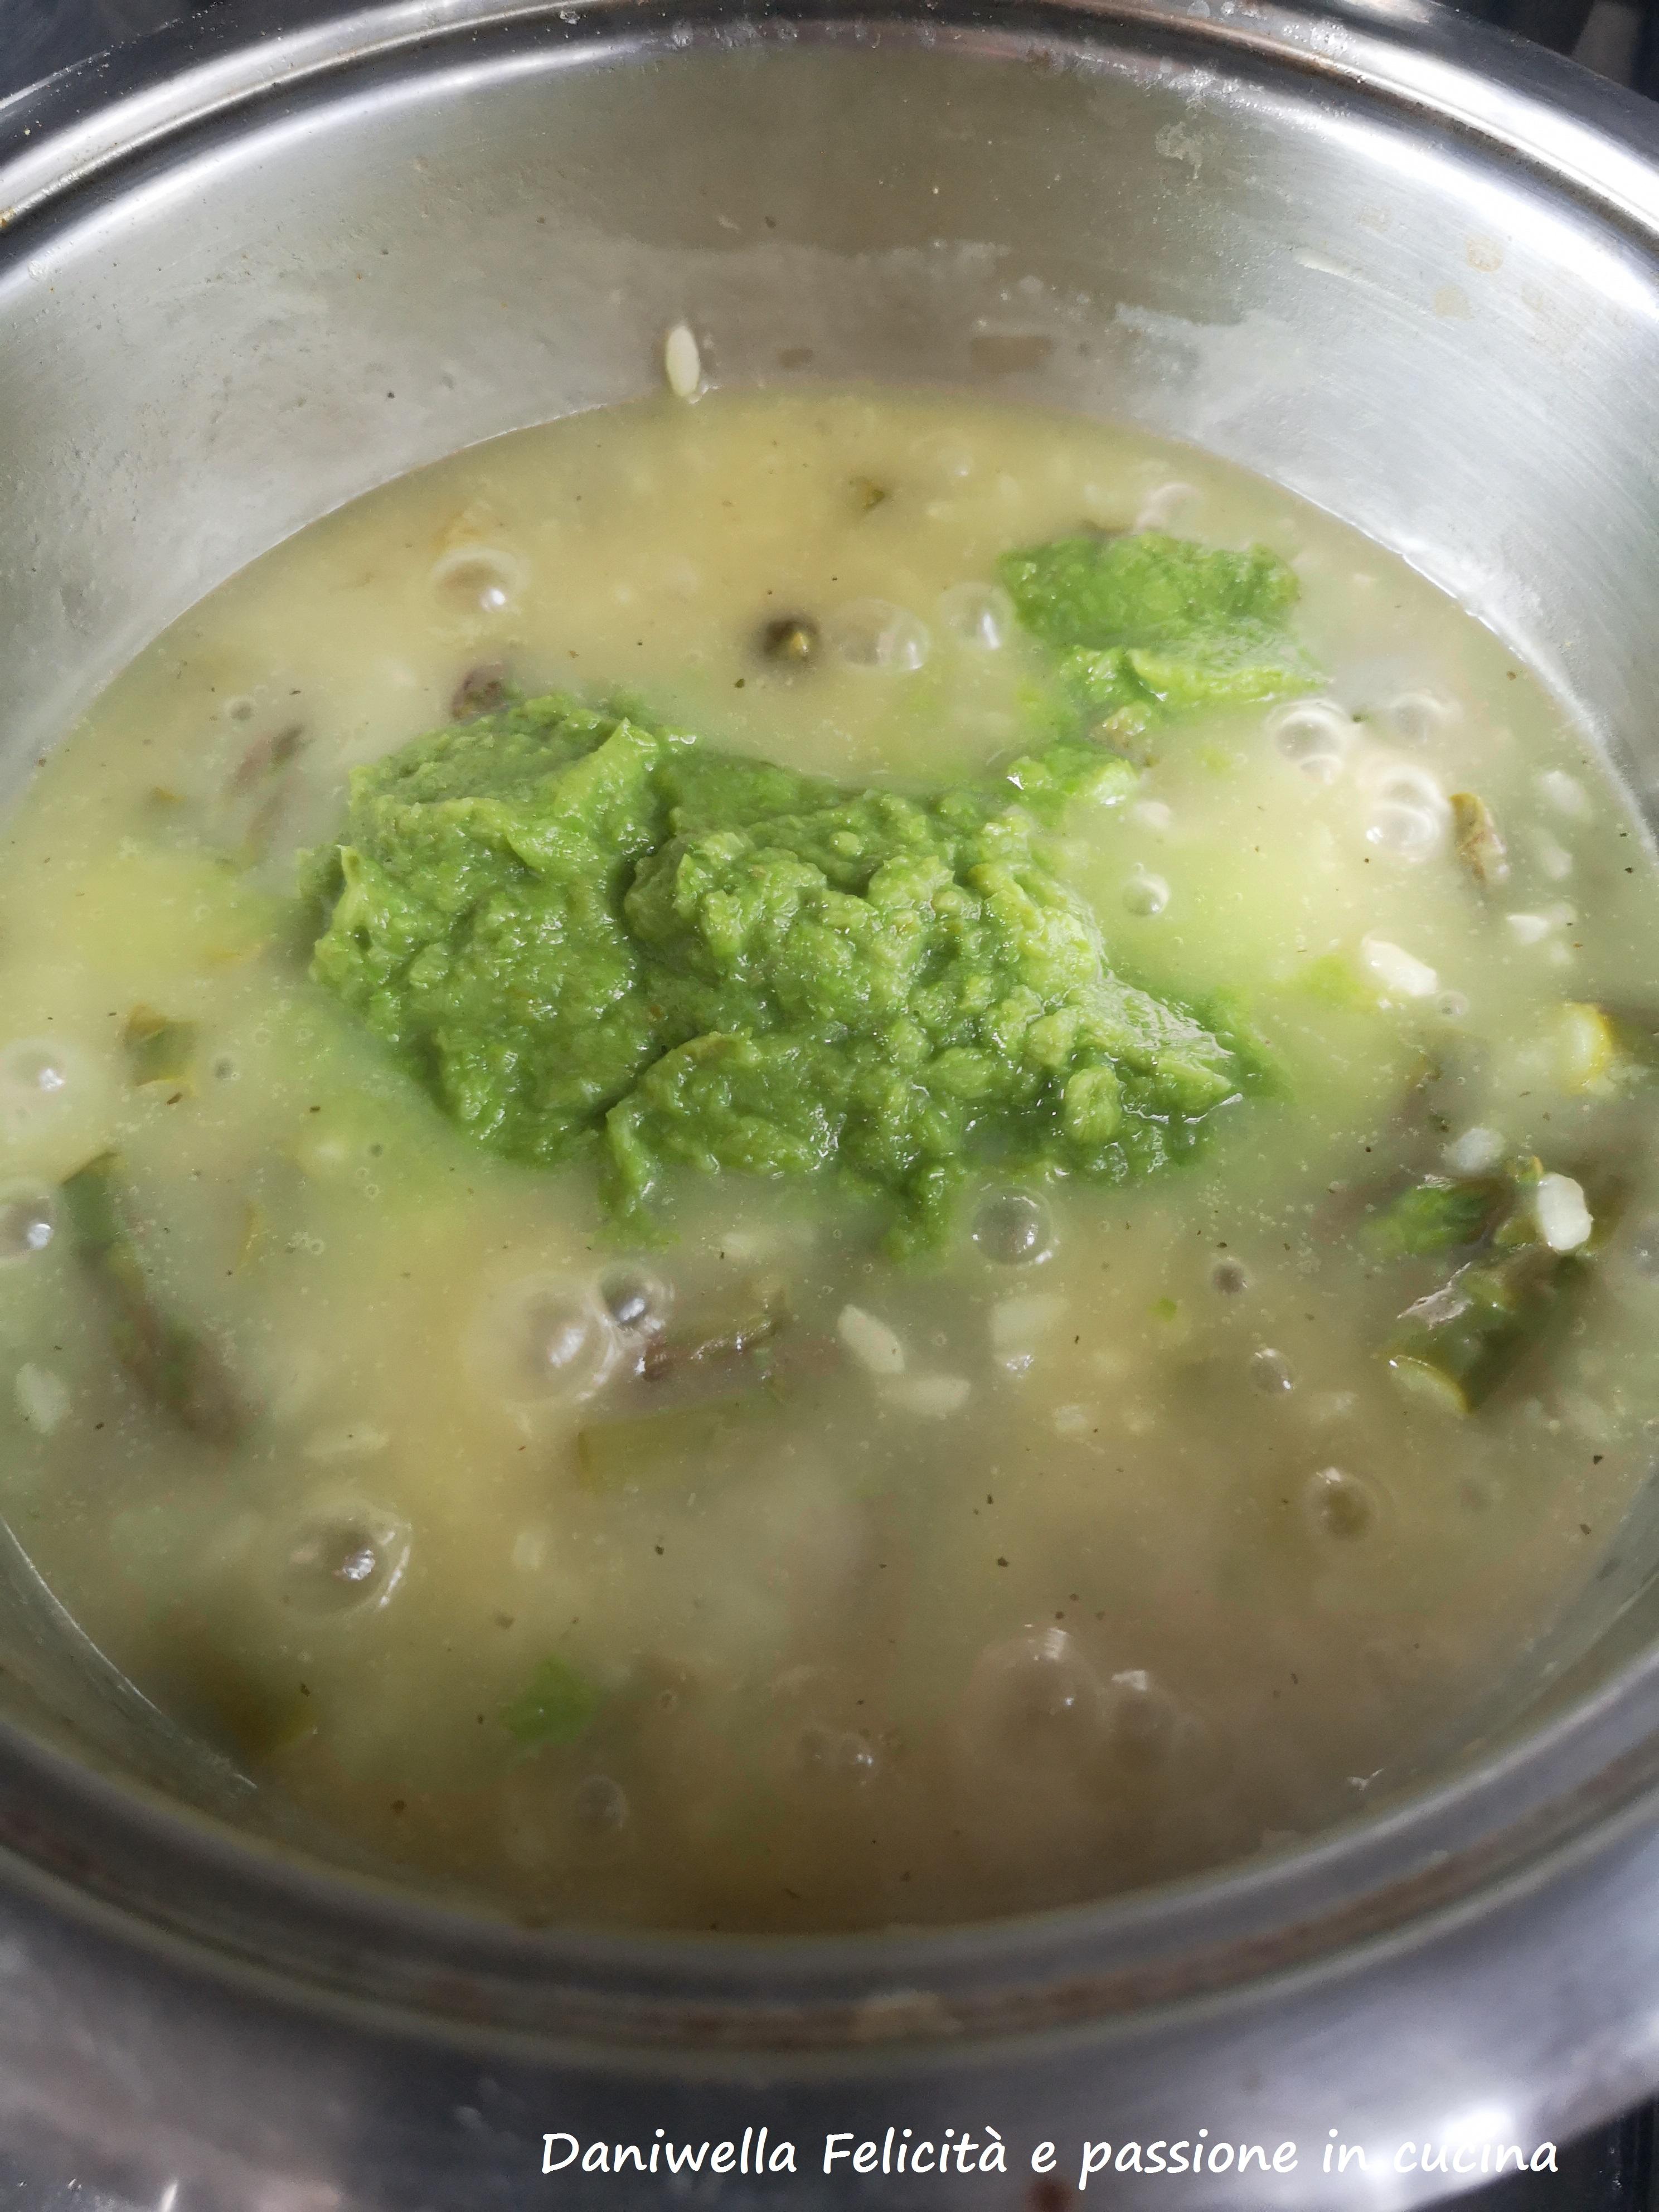 Cinque minuti prima del termine della cottura aggiungete la crema dei gambi frullati in precedenza.